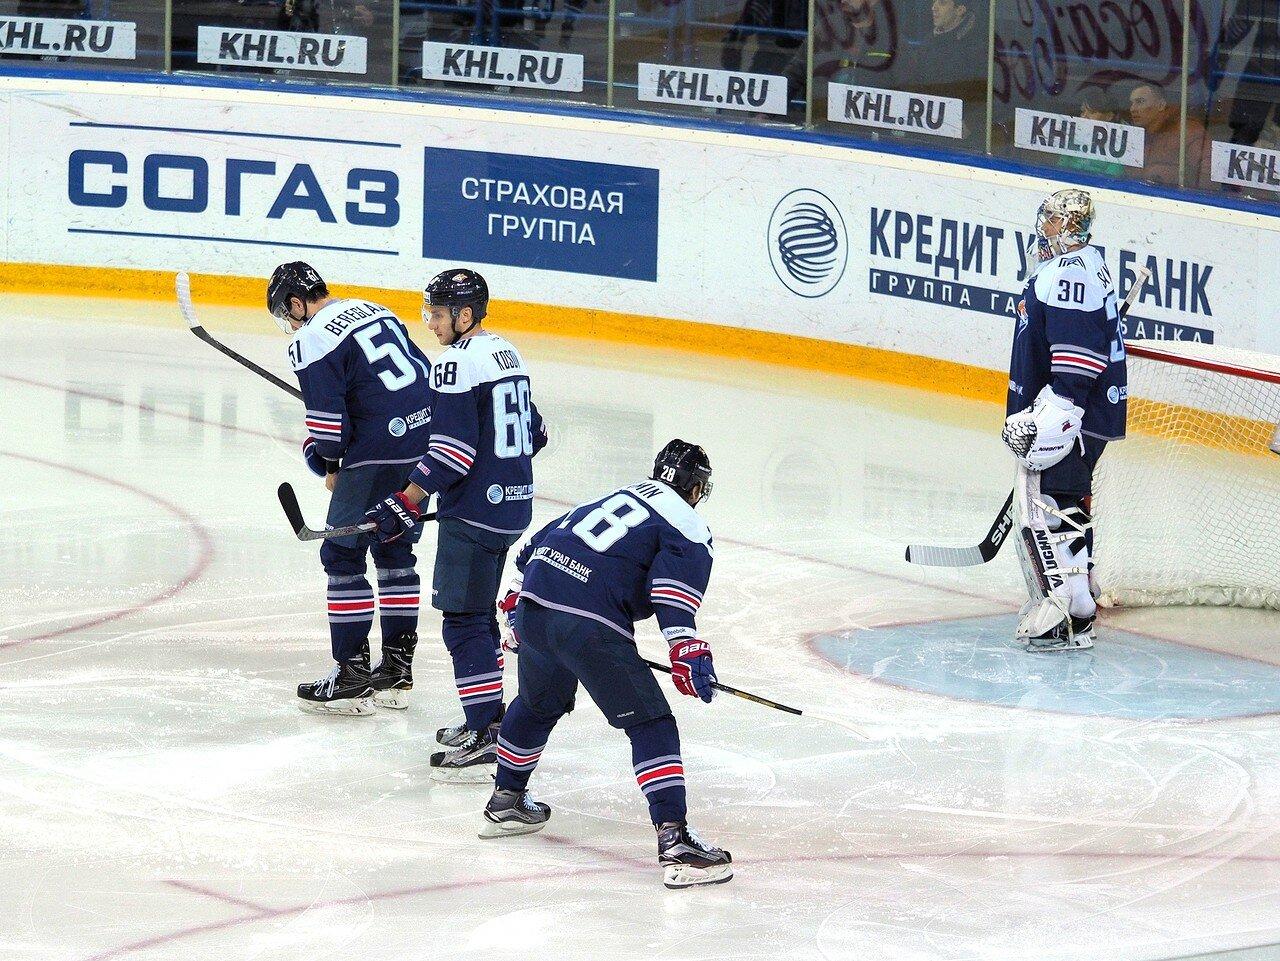 70Металлург - Динамо Москва 21.11.2016